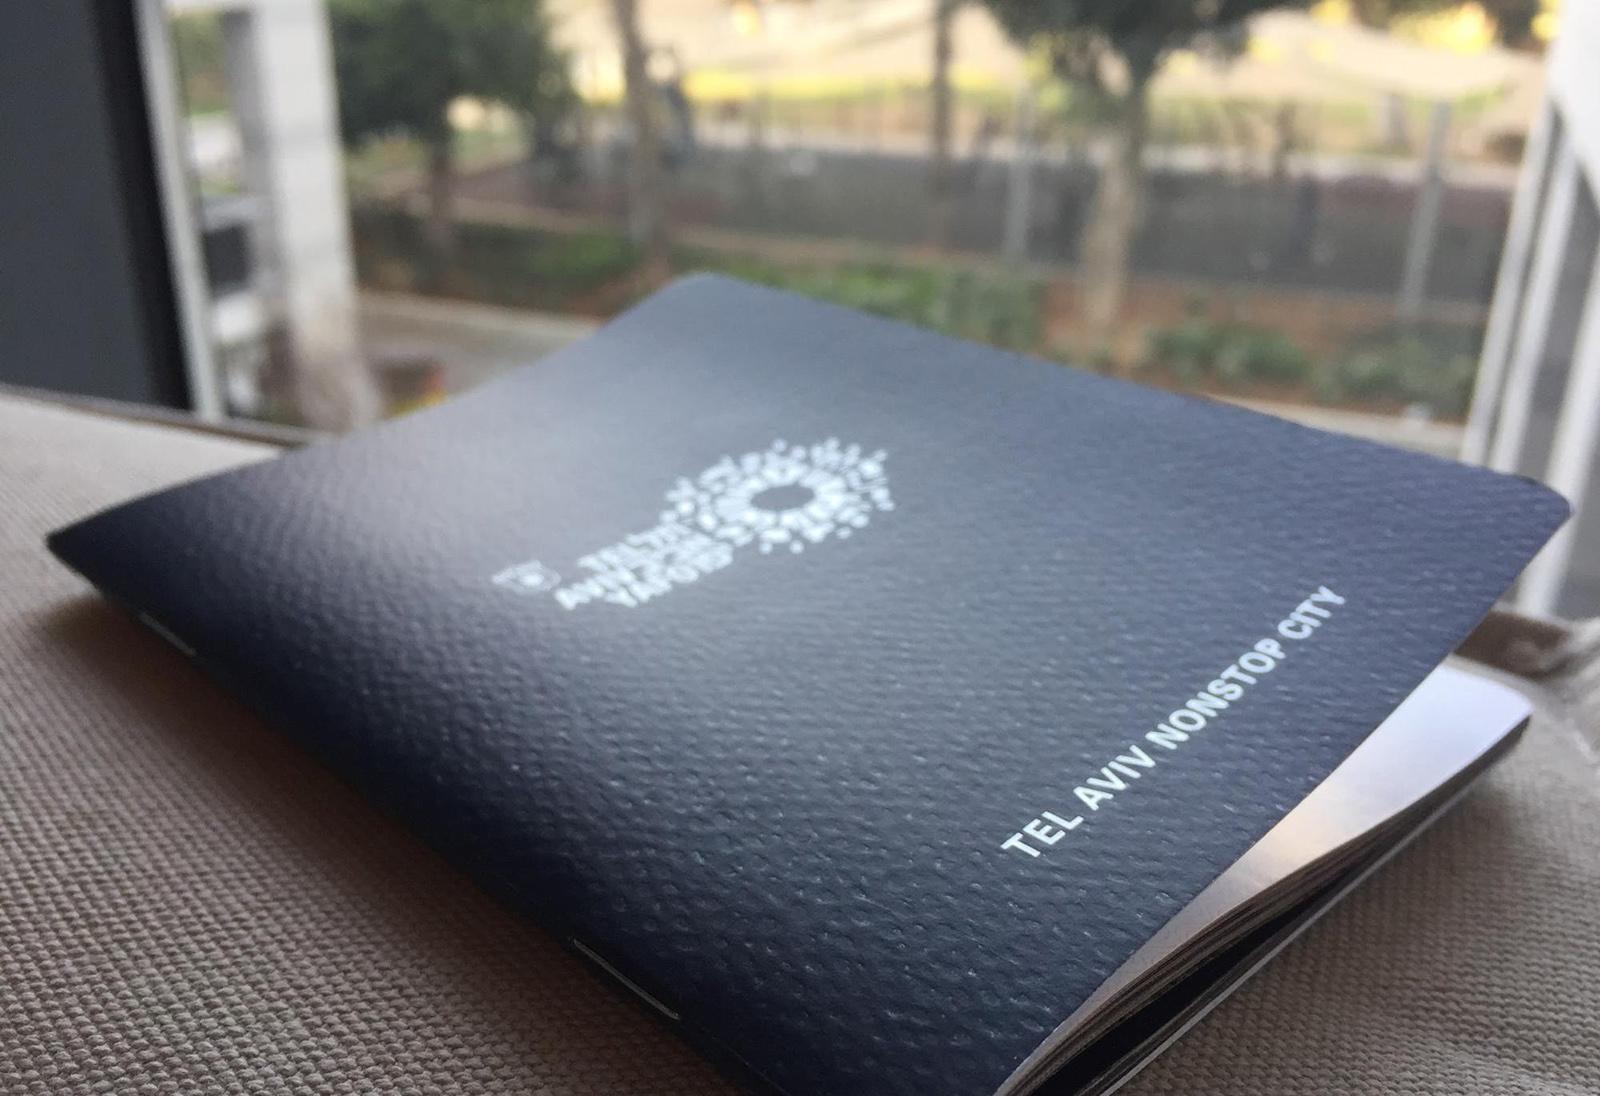 Pas města Tel Aviv-Yafo je plný fotek a zajímavých informací o městě